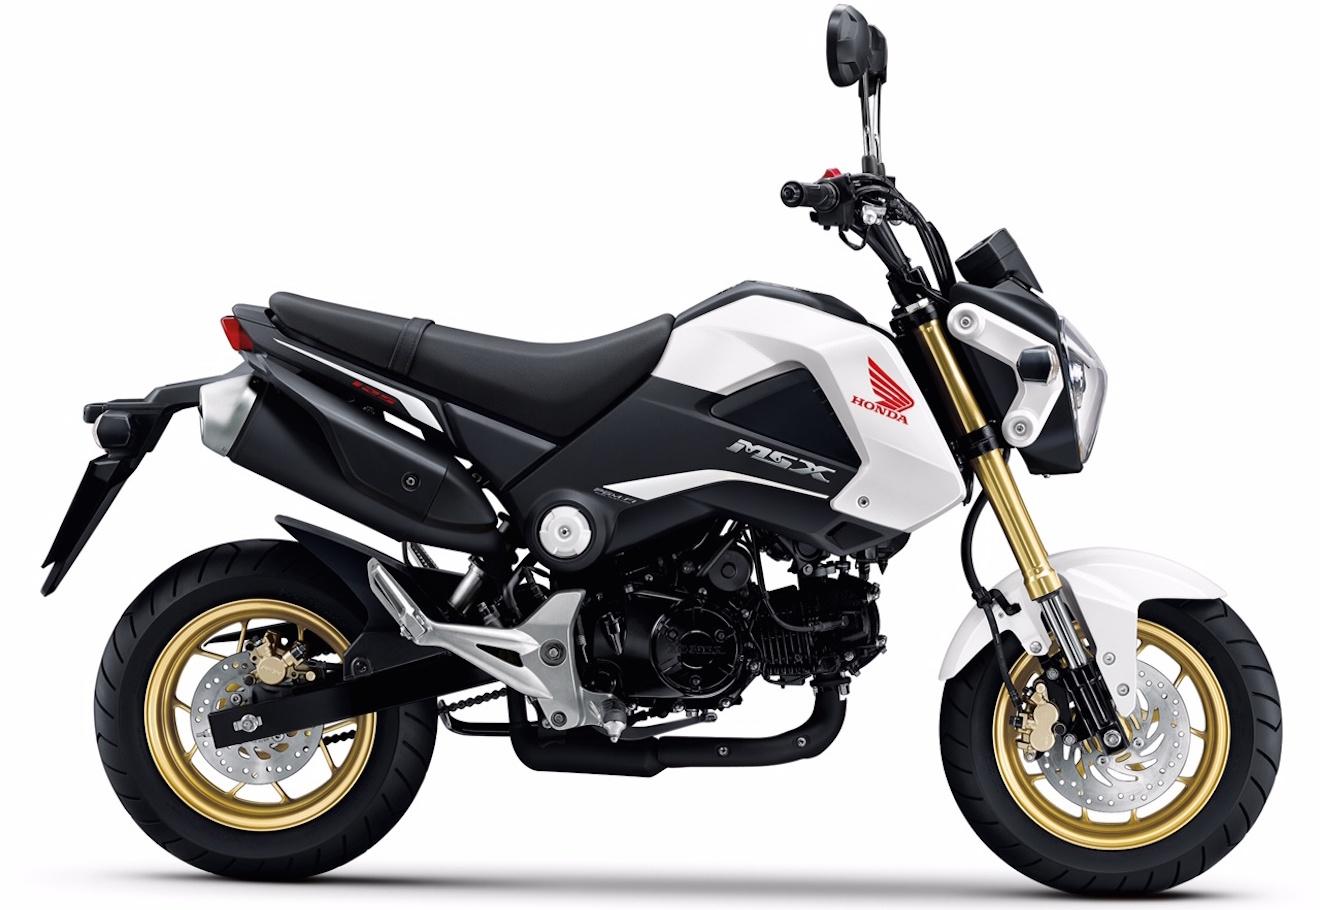 honda msx 125 125 2015 motorbike. Black Bedroom Furniture Sets. Home Design Ideas